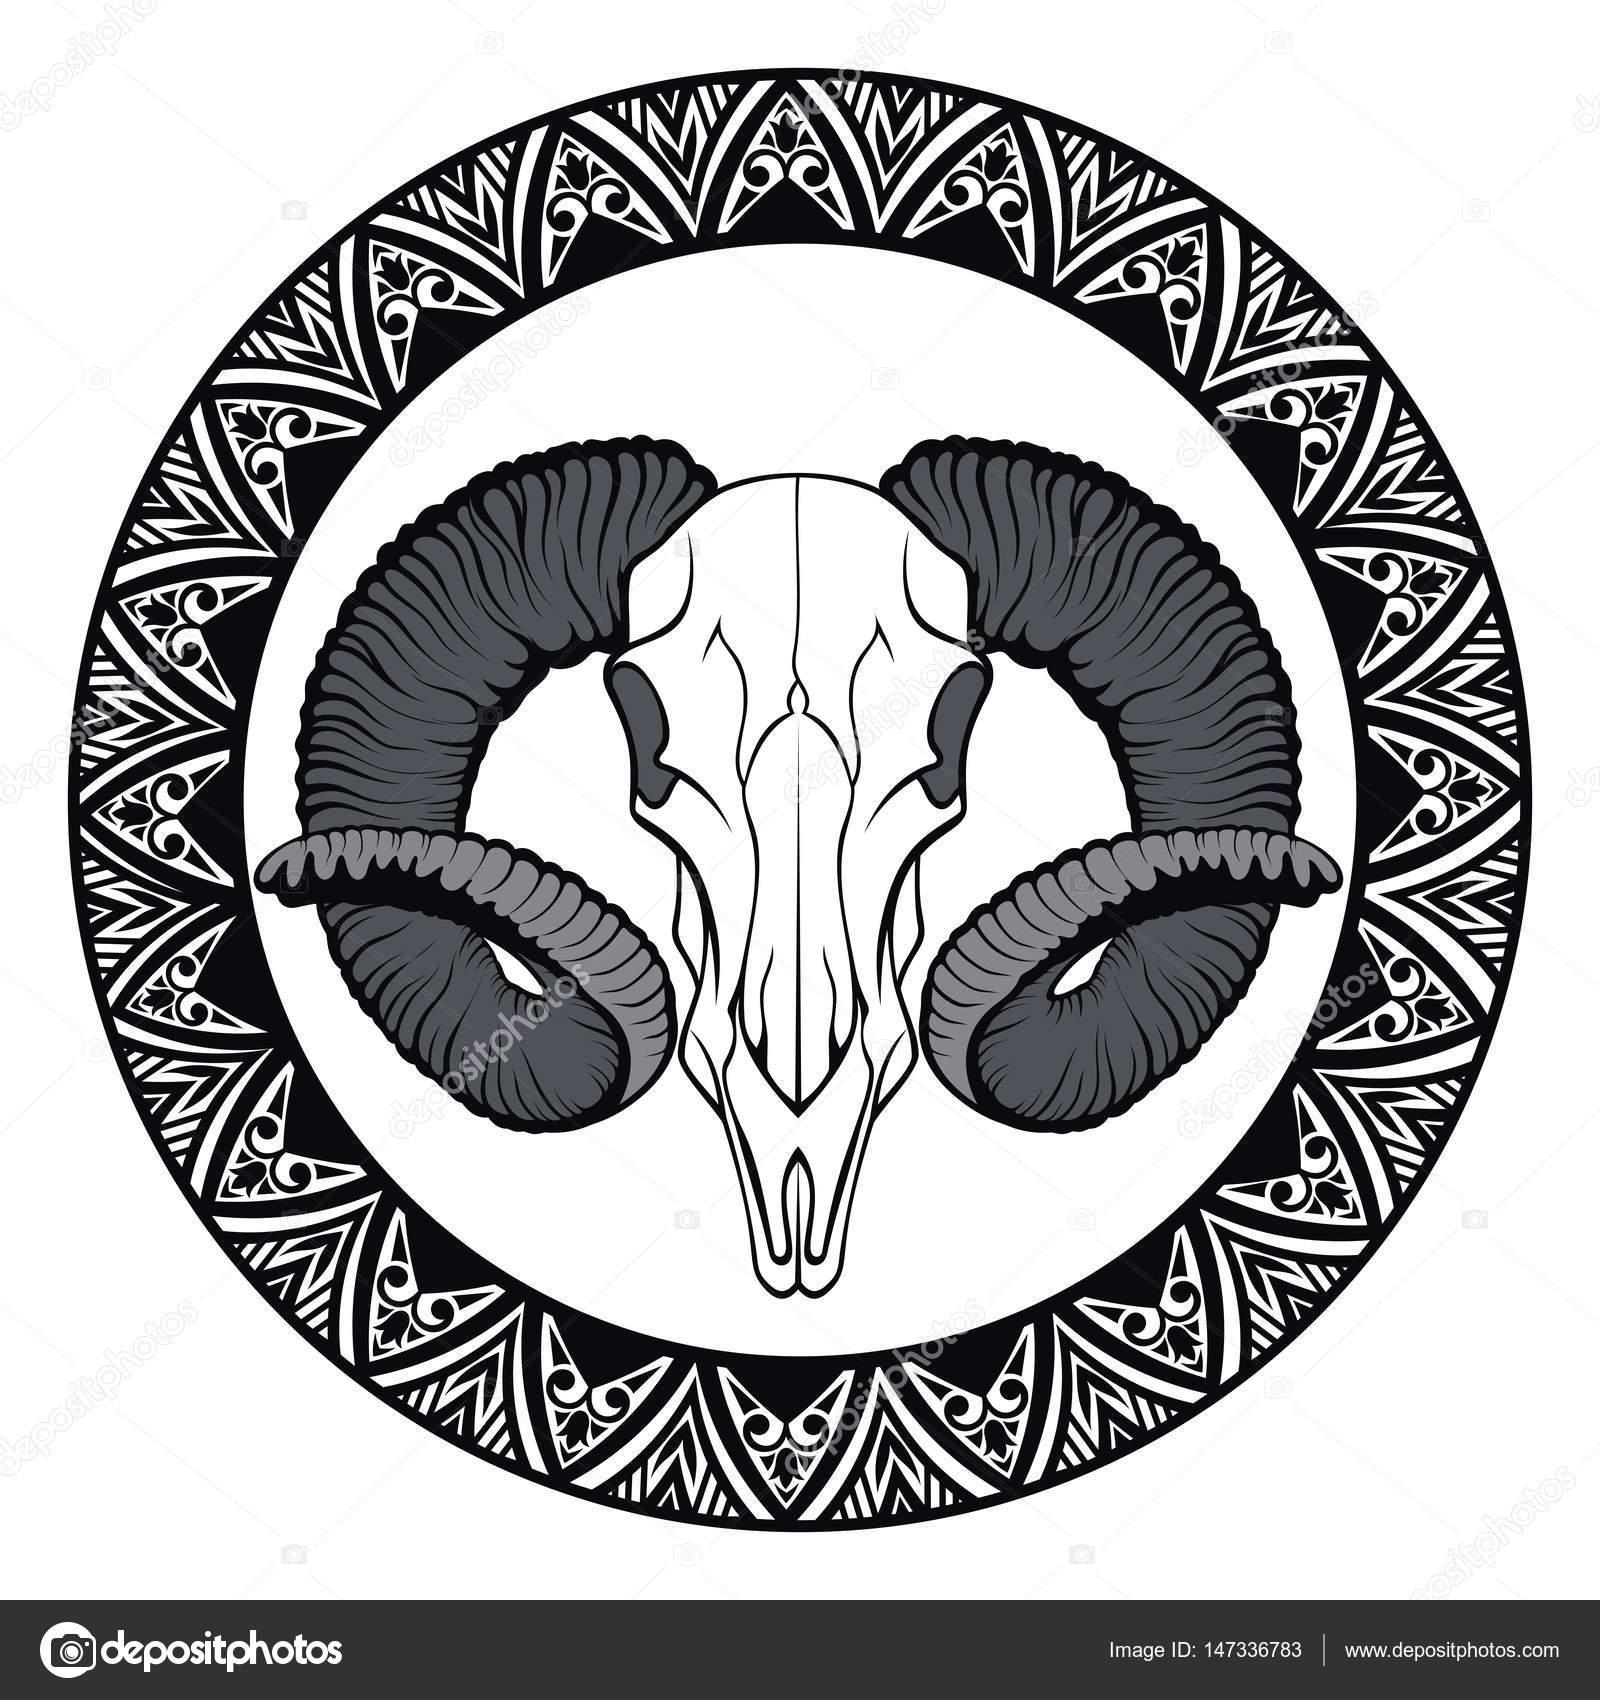 Cráneo de animal en el marco — Archivo Imágenes Vectoriales ...